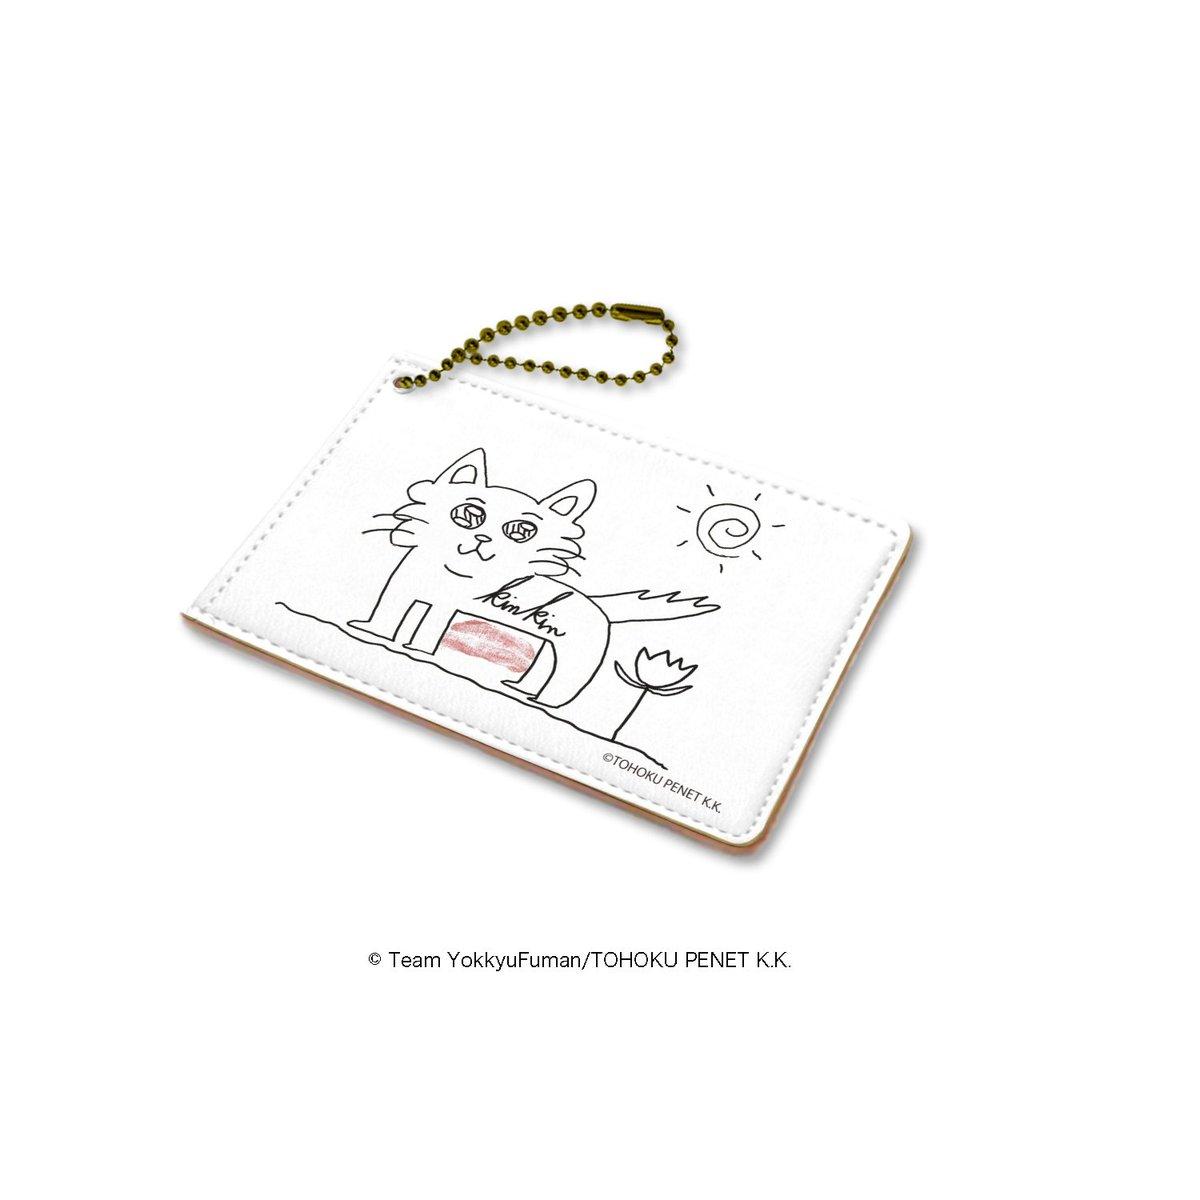 【新作案内】キャラパス「キンキンのらくがき」販売開始!生放送中にキンキンさんに描いて頂いたらくがきデザインのパスケースで